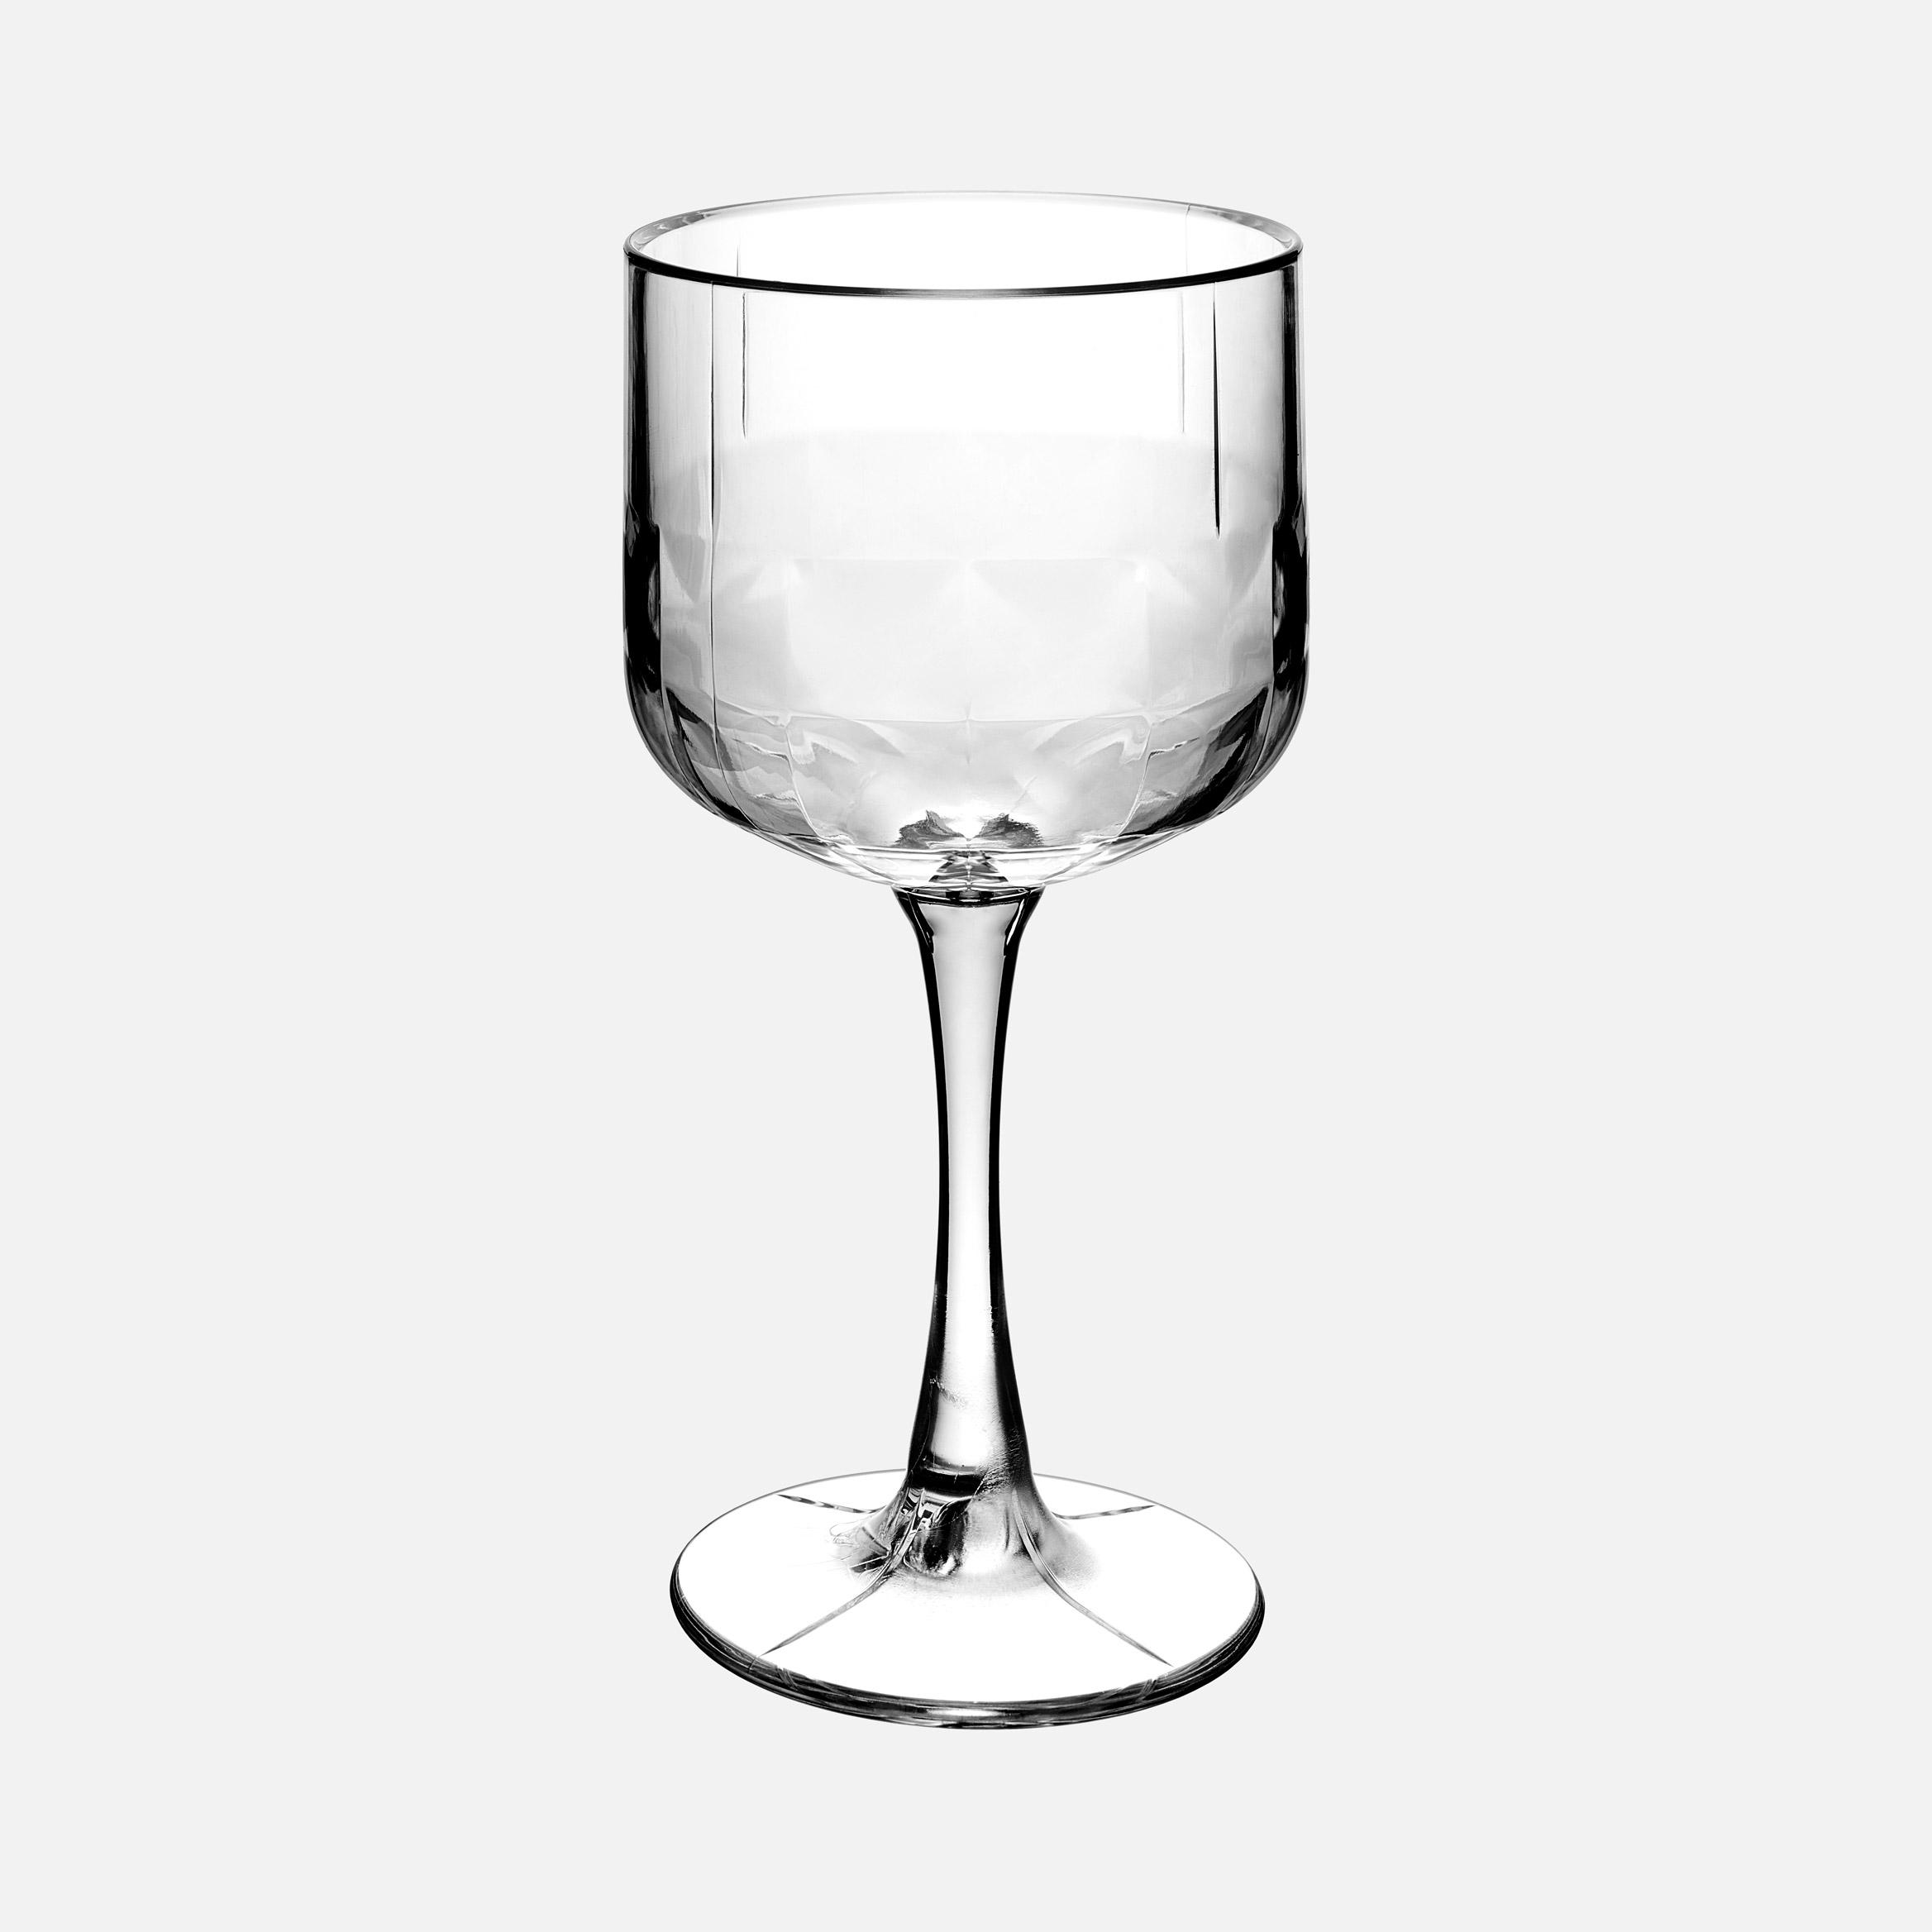 Mafra Gin Cup 500ml